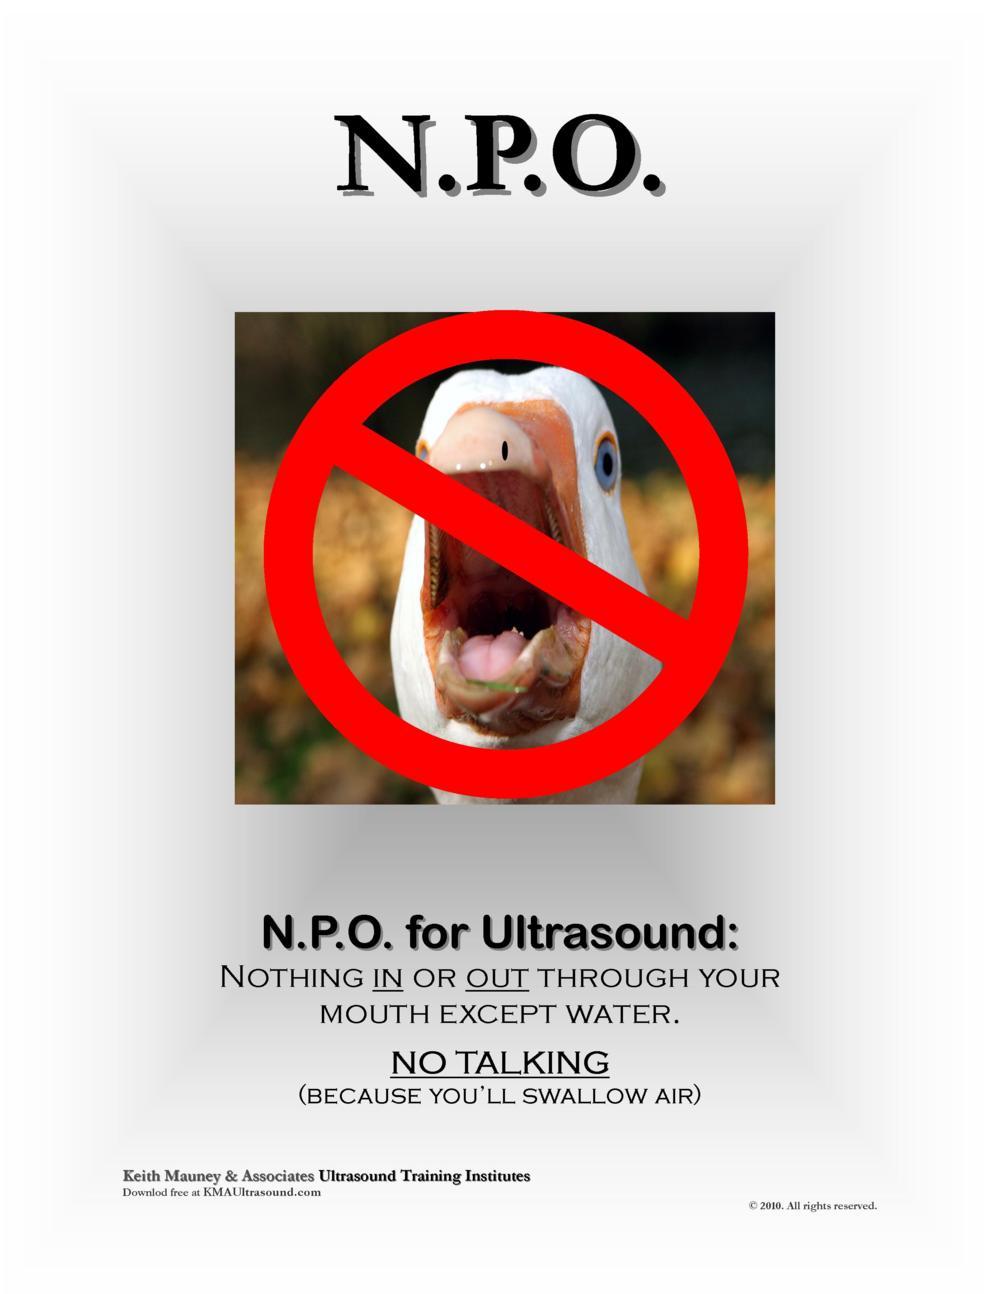 KMA Ultrasound NPO for Ultrasound